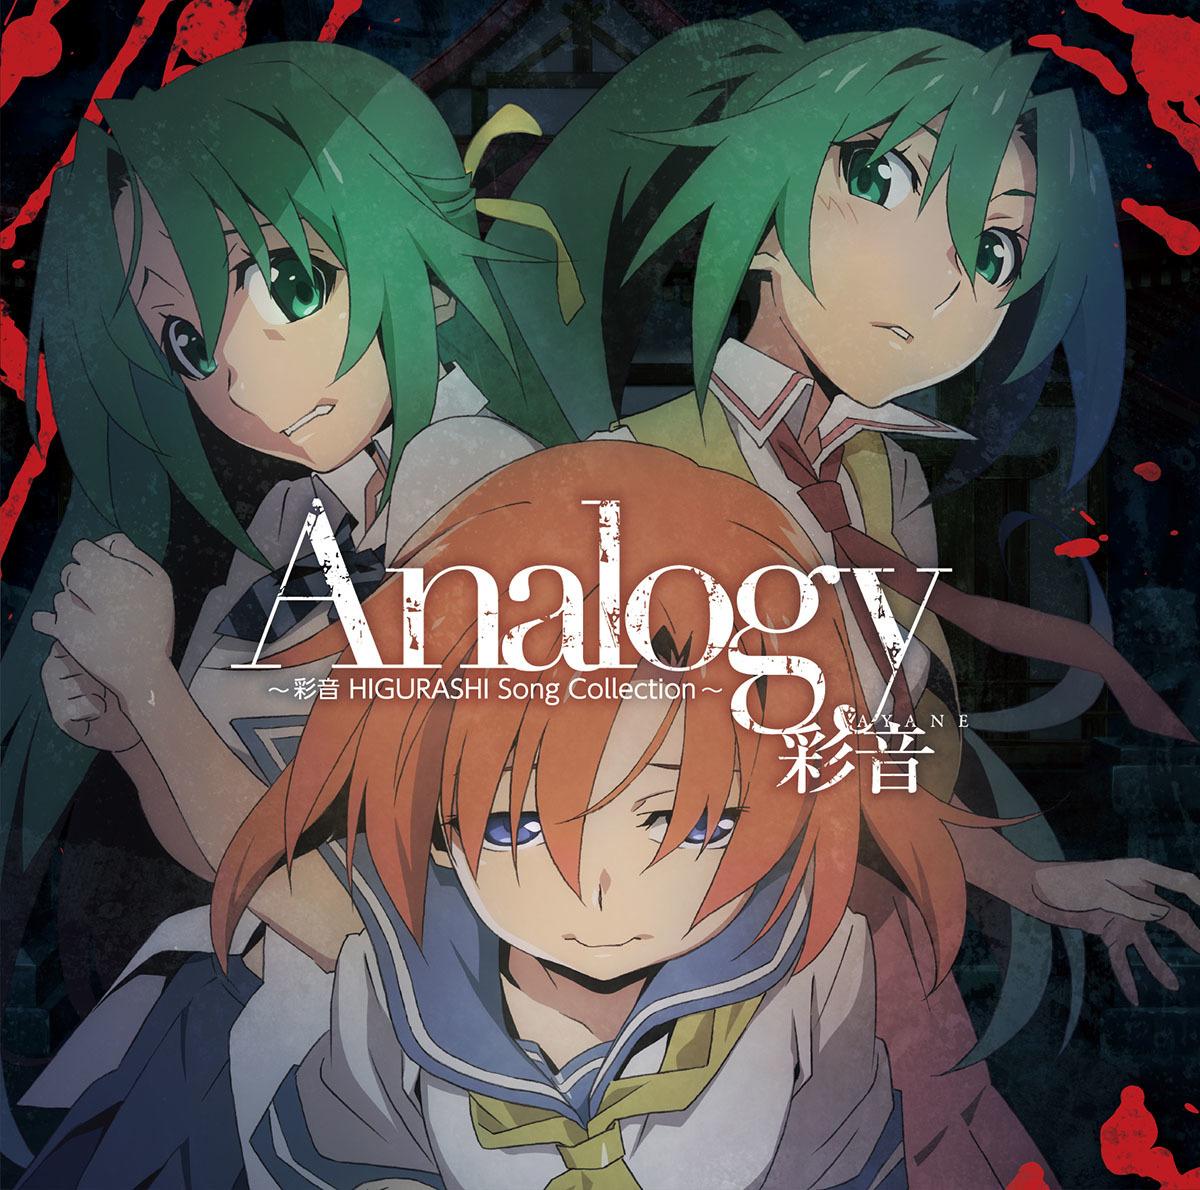 「Analogy」ジャケット (c)2020竜騎士07/ひぐらしのなく頃に製作委員会 (c)MAGES.